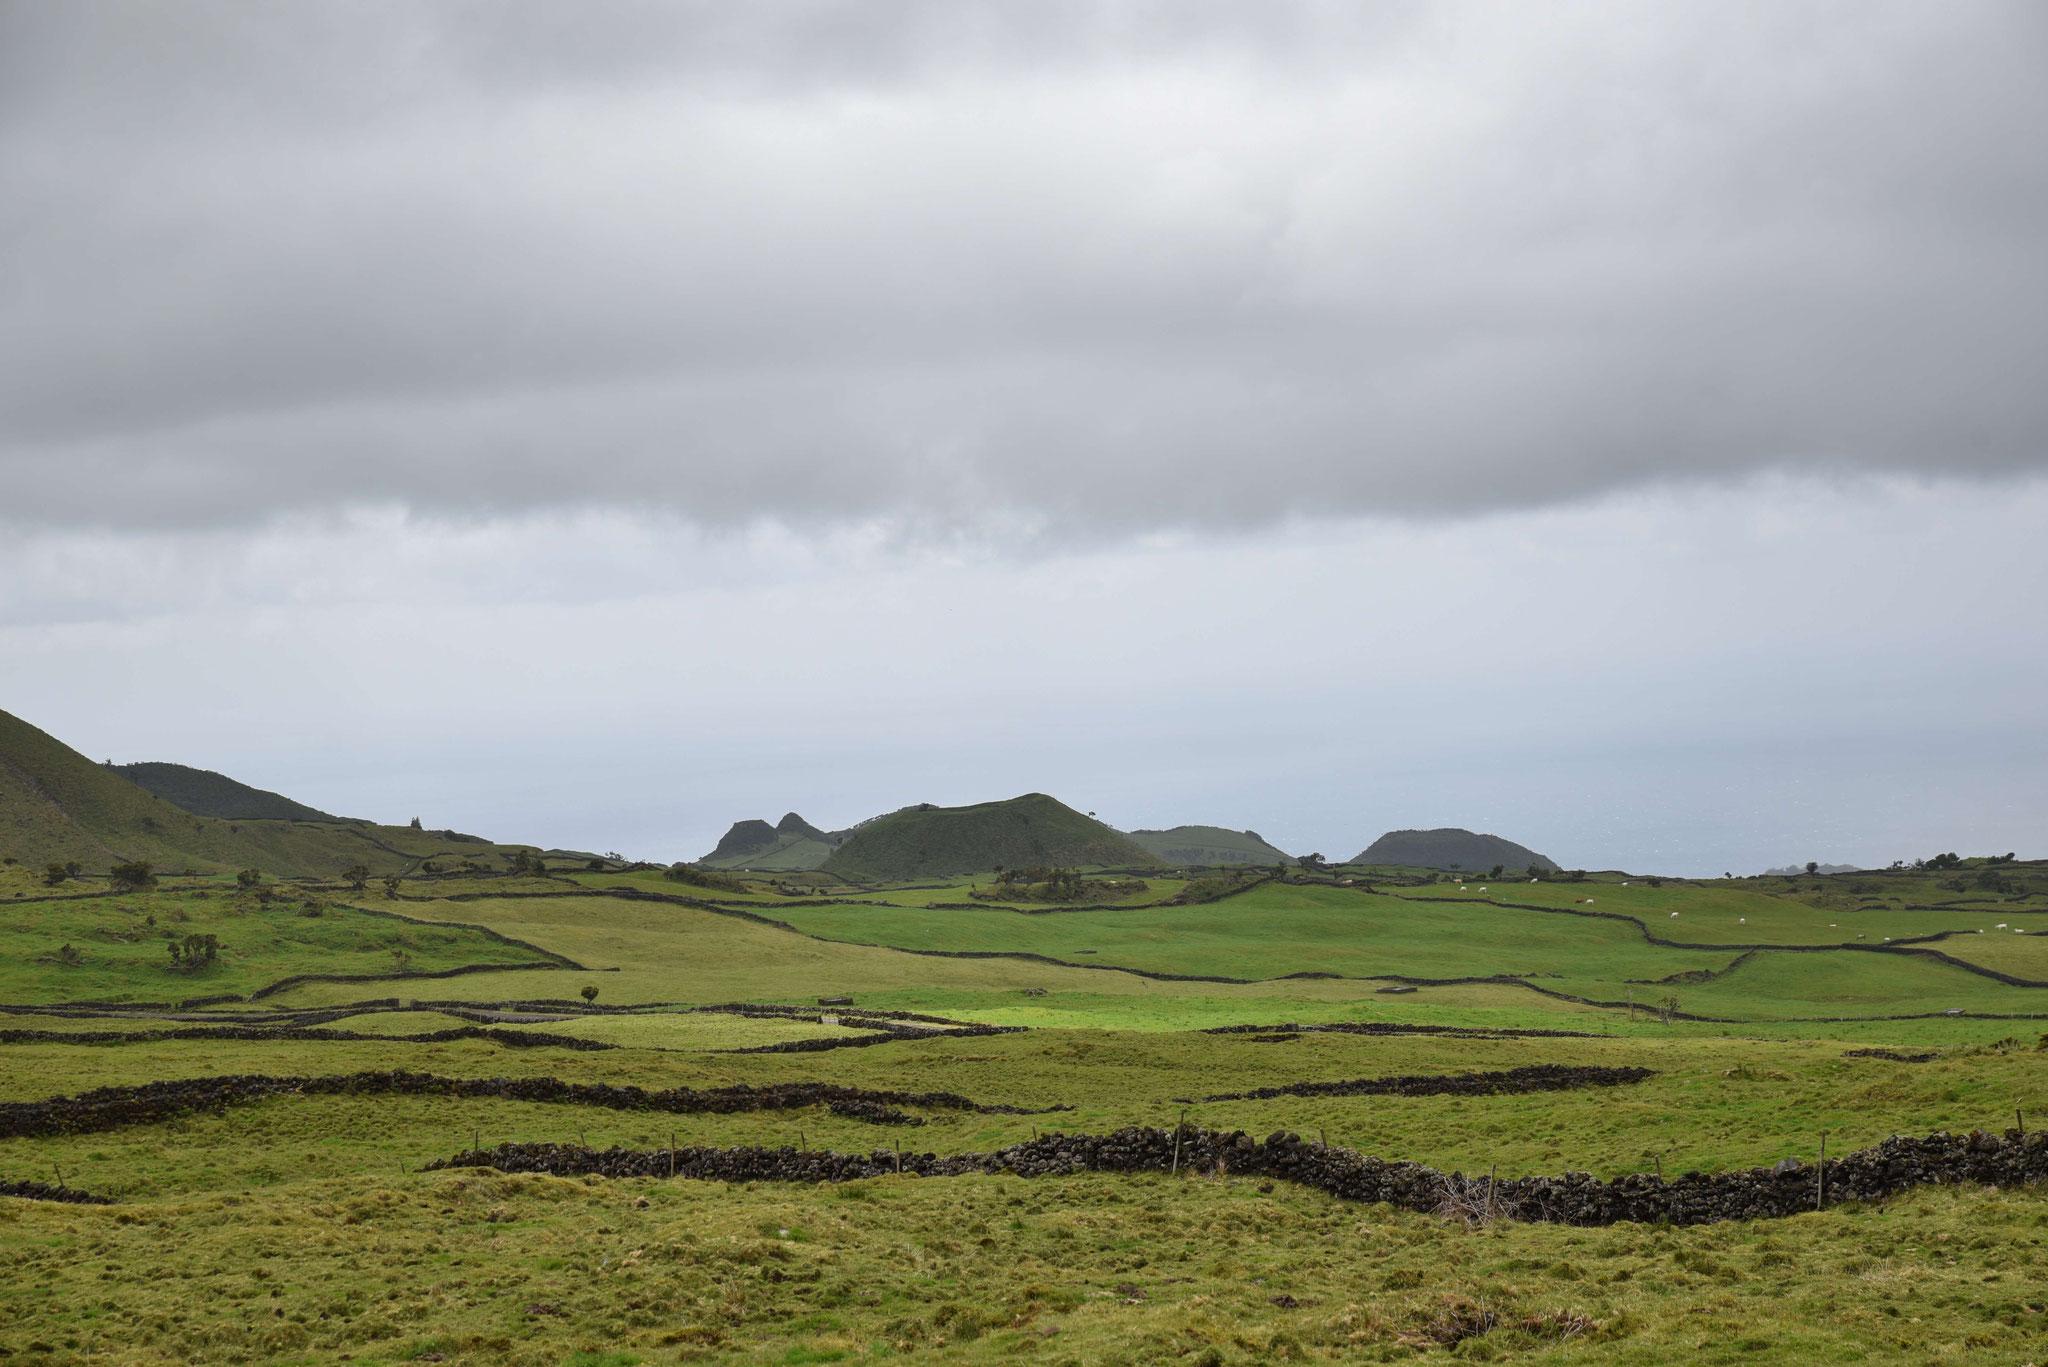 Landwirtschaft - die Einnahmequelle schlechthin auf den Azoren neben Fischfang und Tourismus